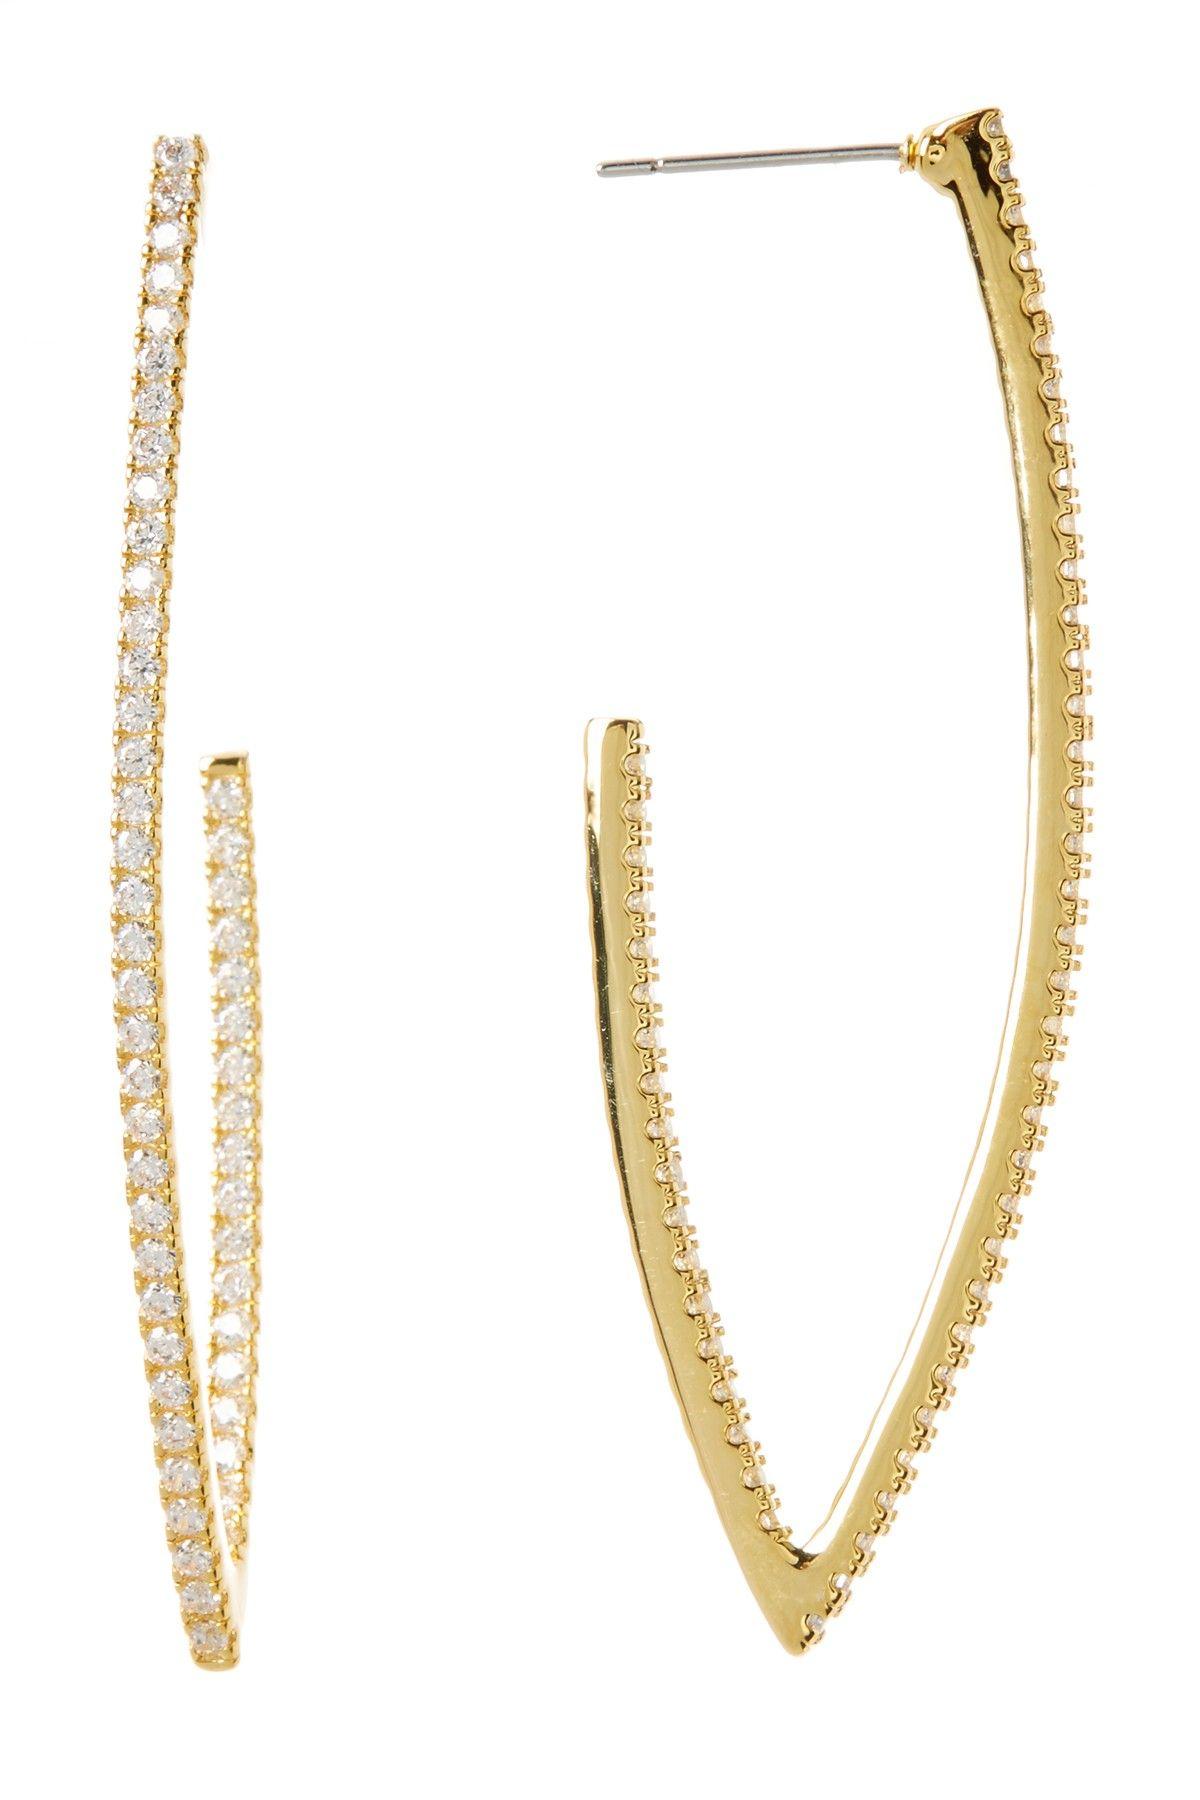 Nordstrom Rack Cz Pave J Hoop Earrings